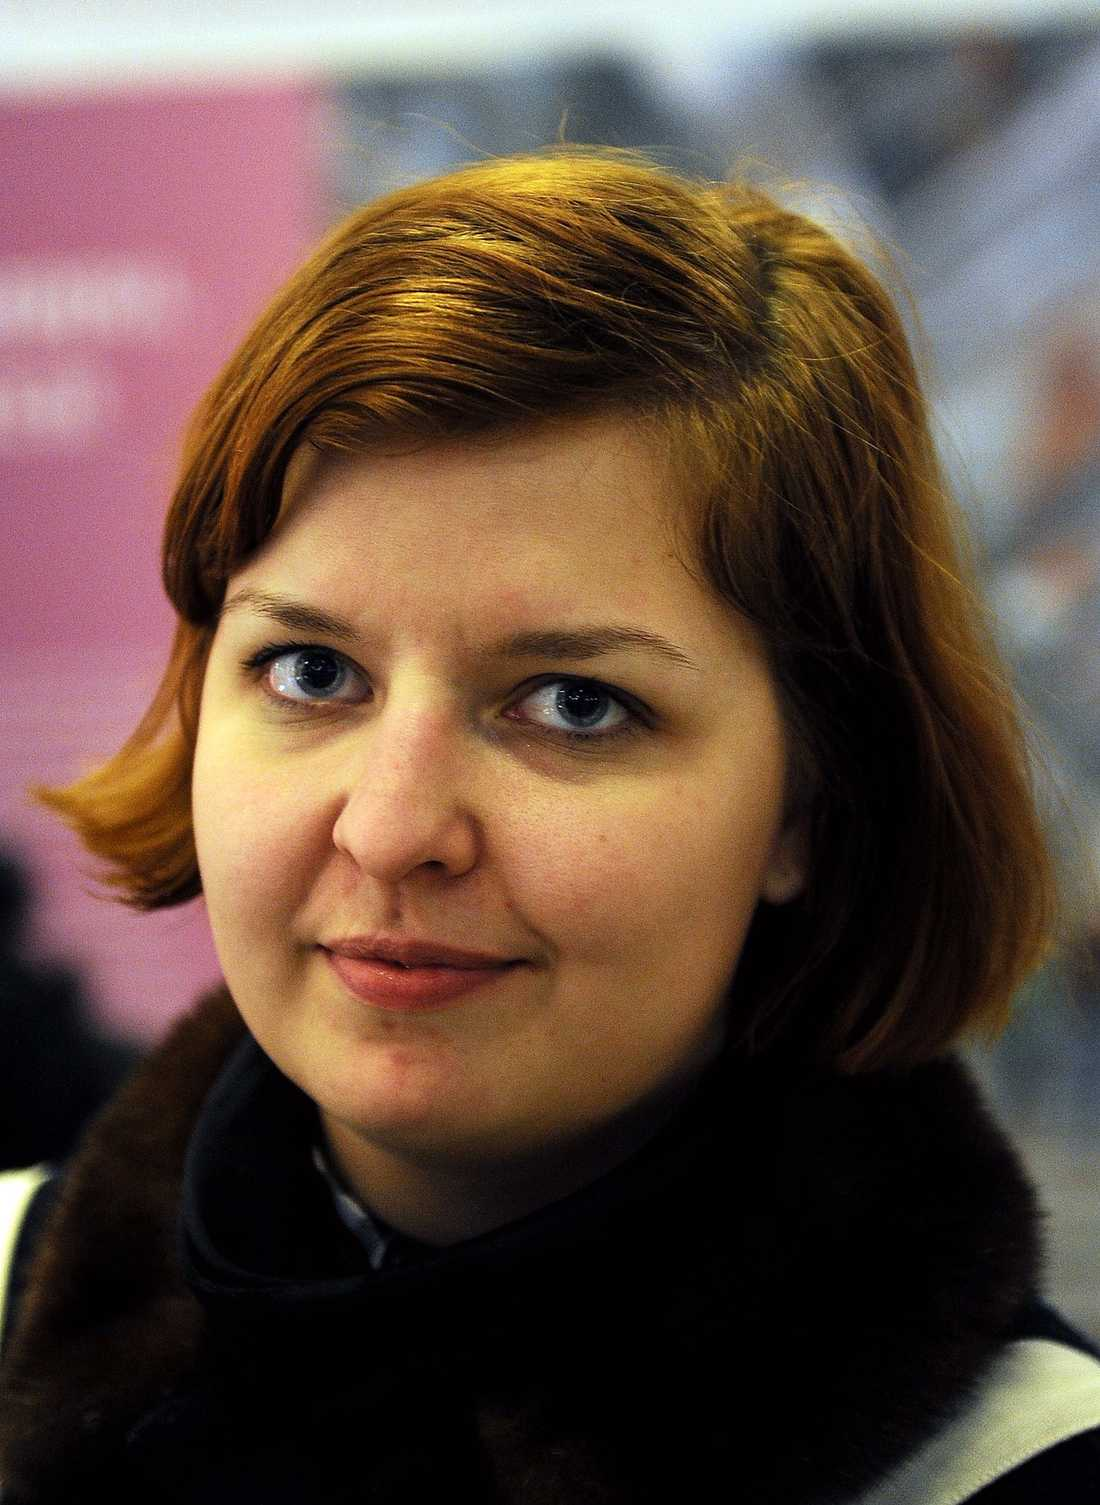 Hanna Karlsson, 25, egenföretagare, Stockholm: – Ja. Fast det beror på vem som äter den. Jag tror att det är bäst att äta lite av allt. Fett och kött är däremot inte bra rent miljömässigt.